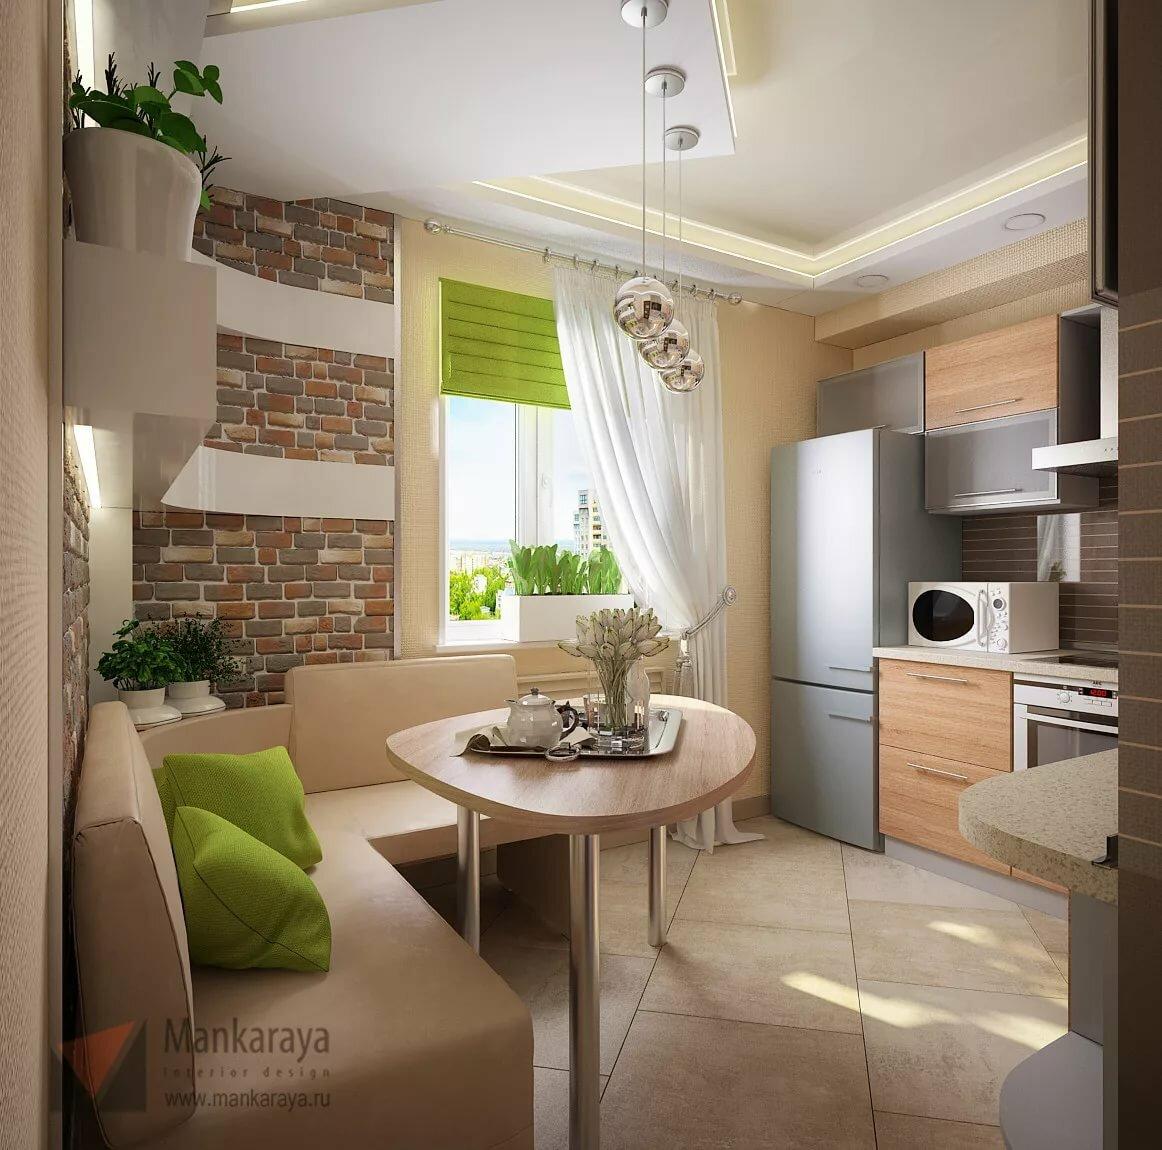 могут ремонт кухни в панельном доме фото пожелания